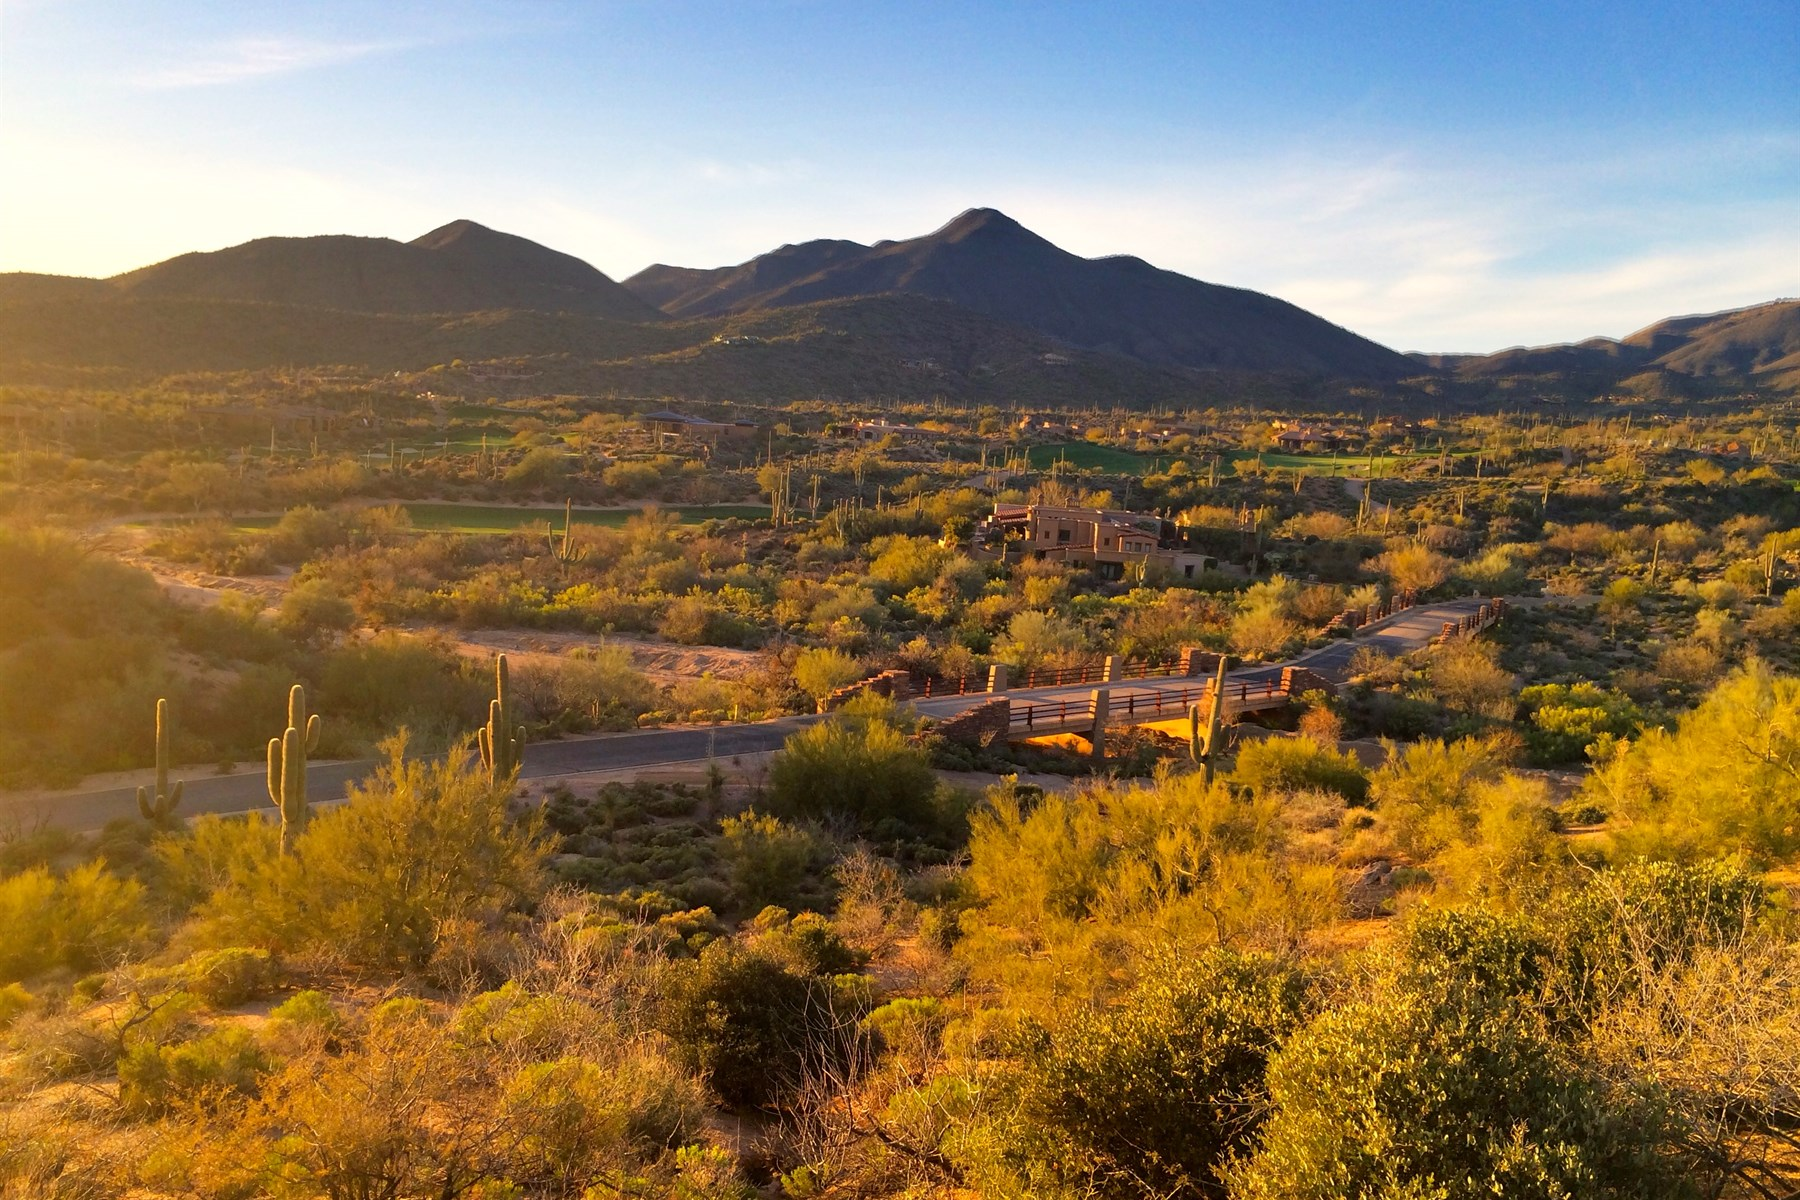 Đất đai vì Bán tại Lot 72 Lone Mountain II non-membership lot 9803 E Madera Dr #72 Scottsdale, Arizona, 85262 Hoa Kỳ